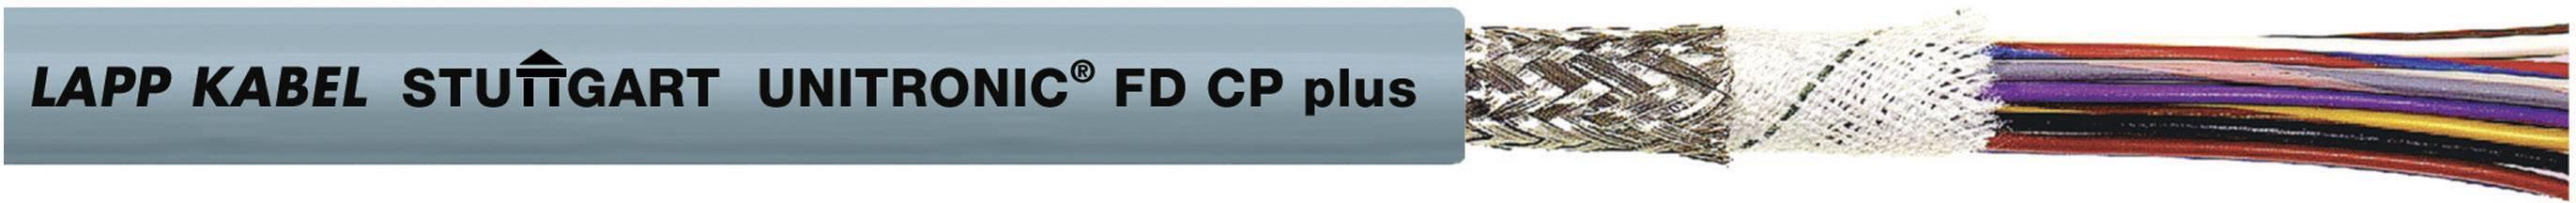 Datový kabel LappKabel UNITRONIC FD CP PLUS 7X0,25 (0028893), 7x 0,25 mm², Ø 6,7 mm, stíněný, 100 m, šedá